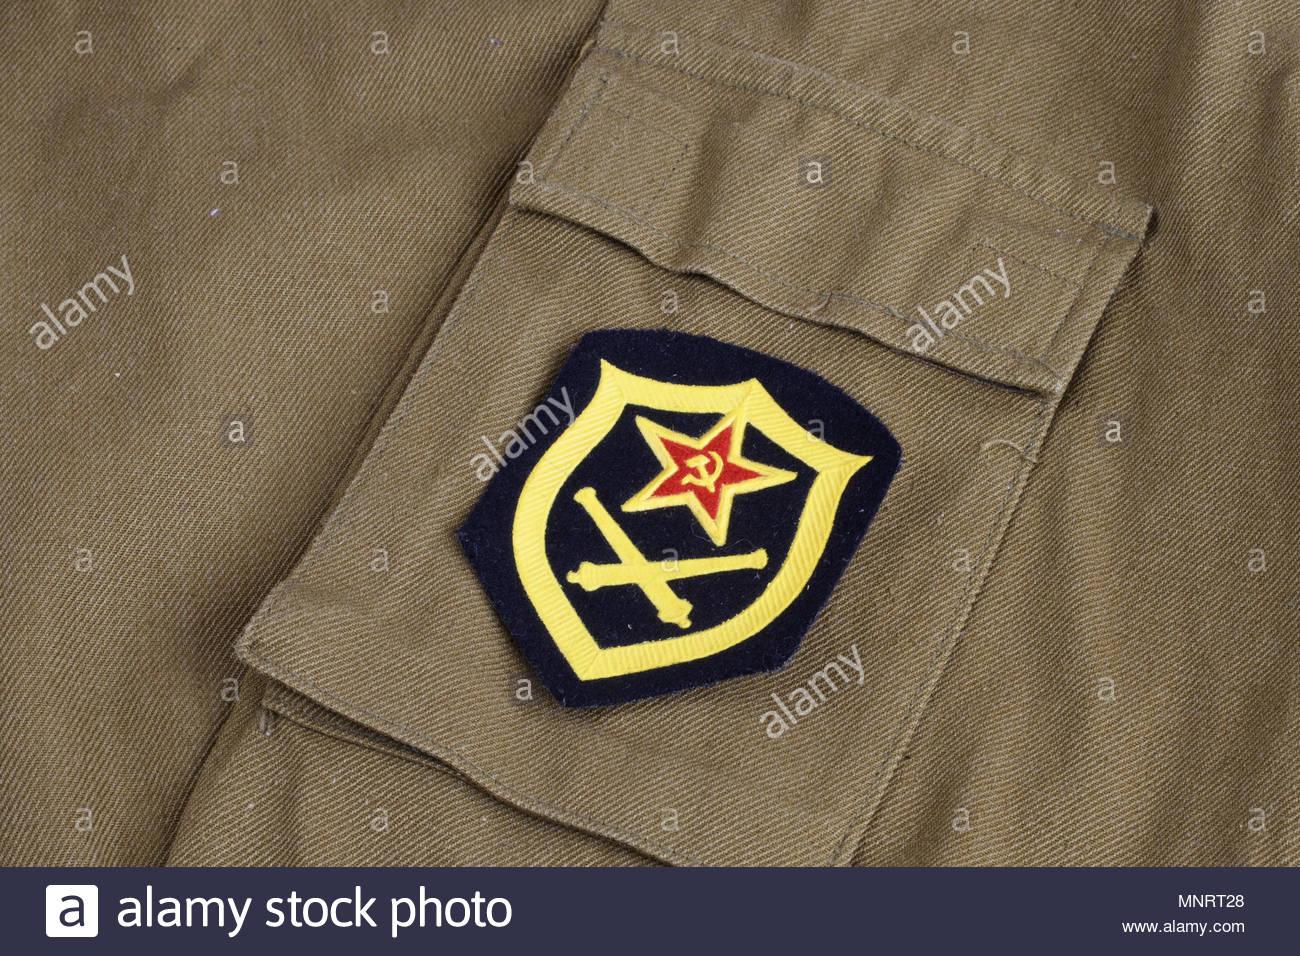 Soviet Army Artillery shoulder patch on khaki uniform background 1300x956